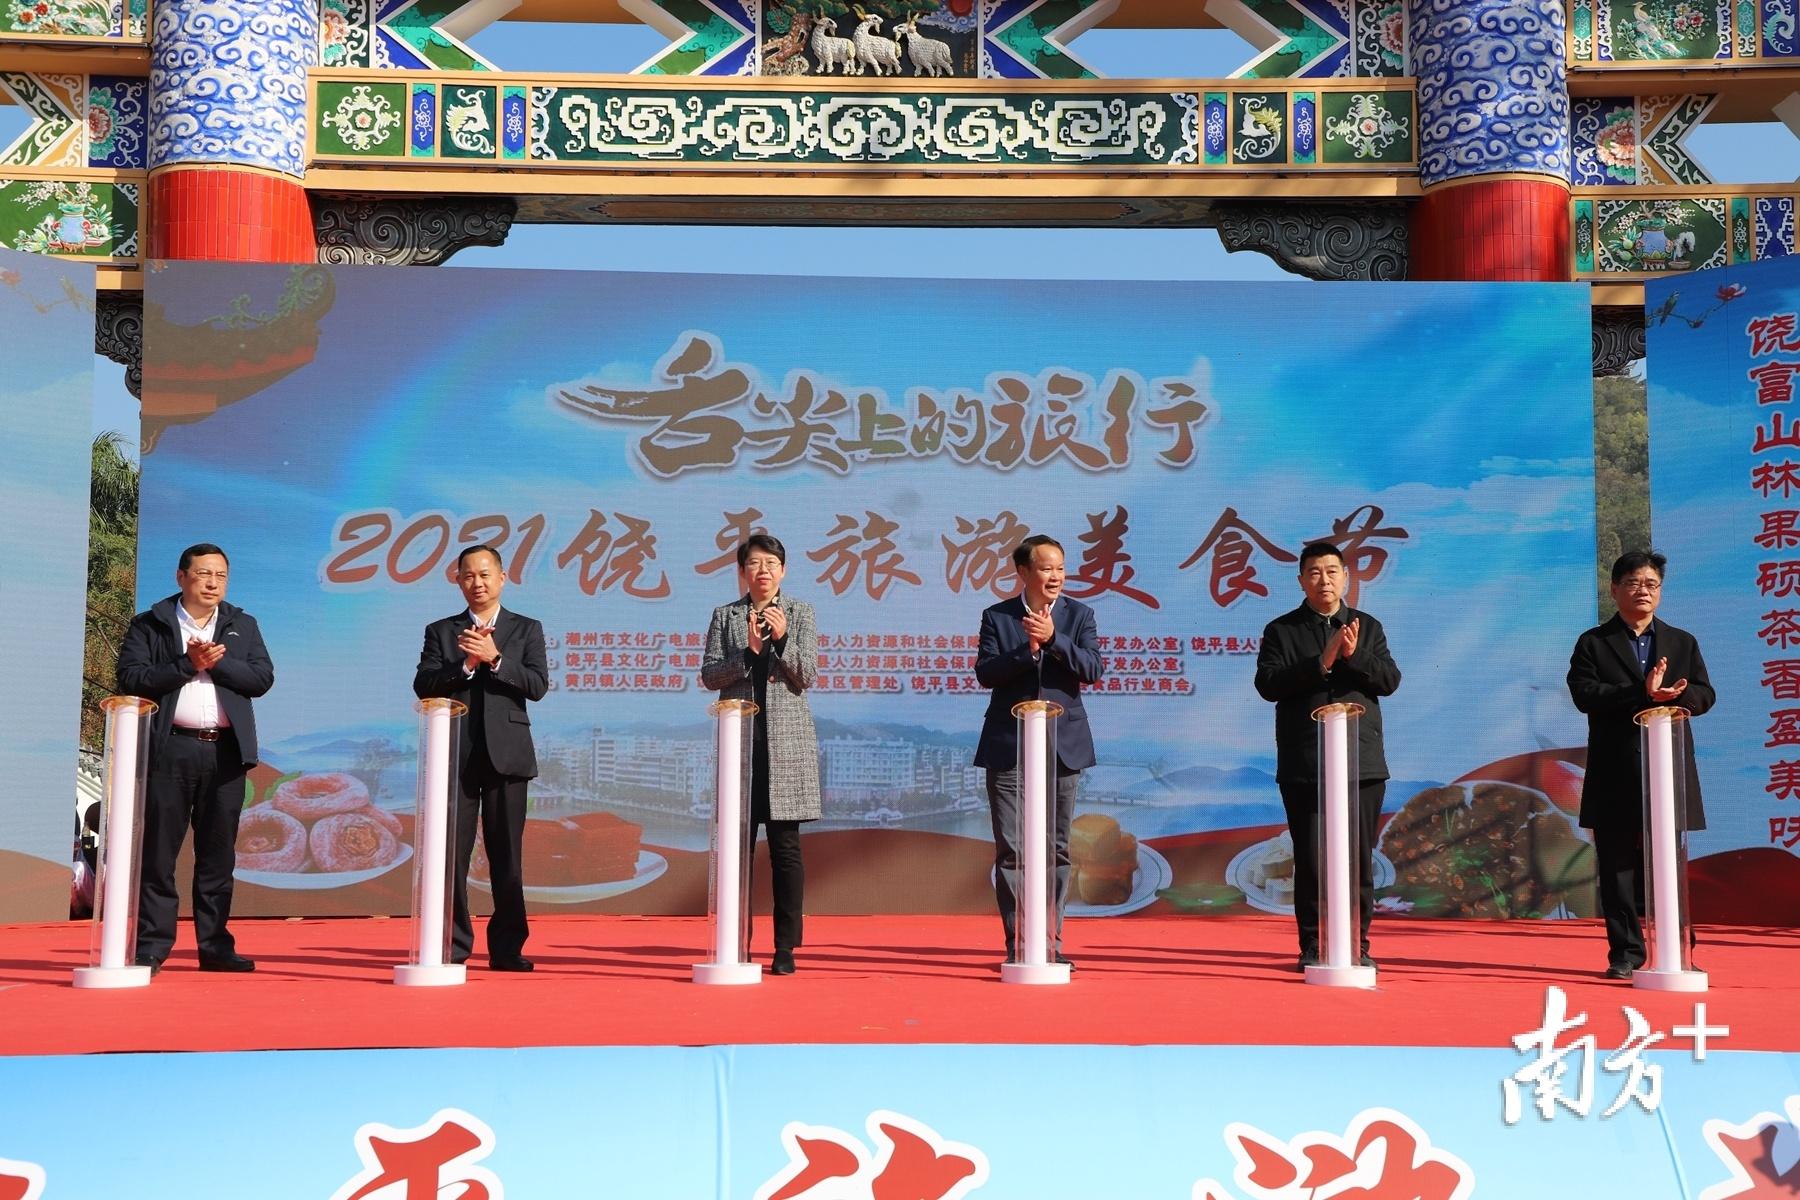 参加活动的领导按下启动键,宣布活动正式开幕。